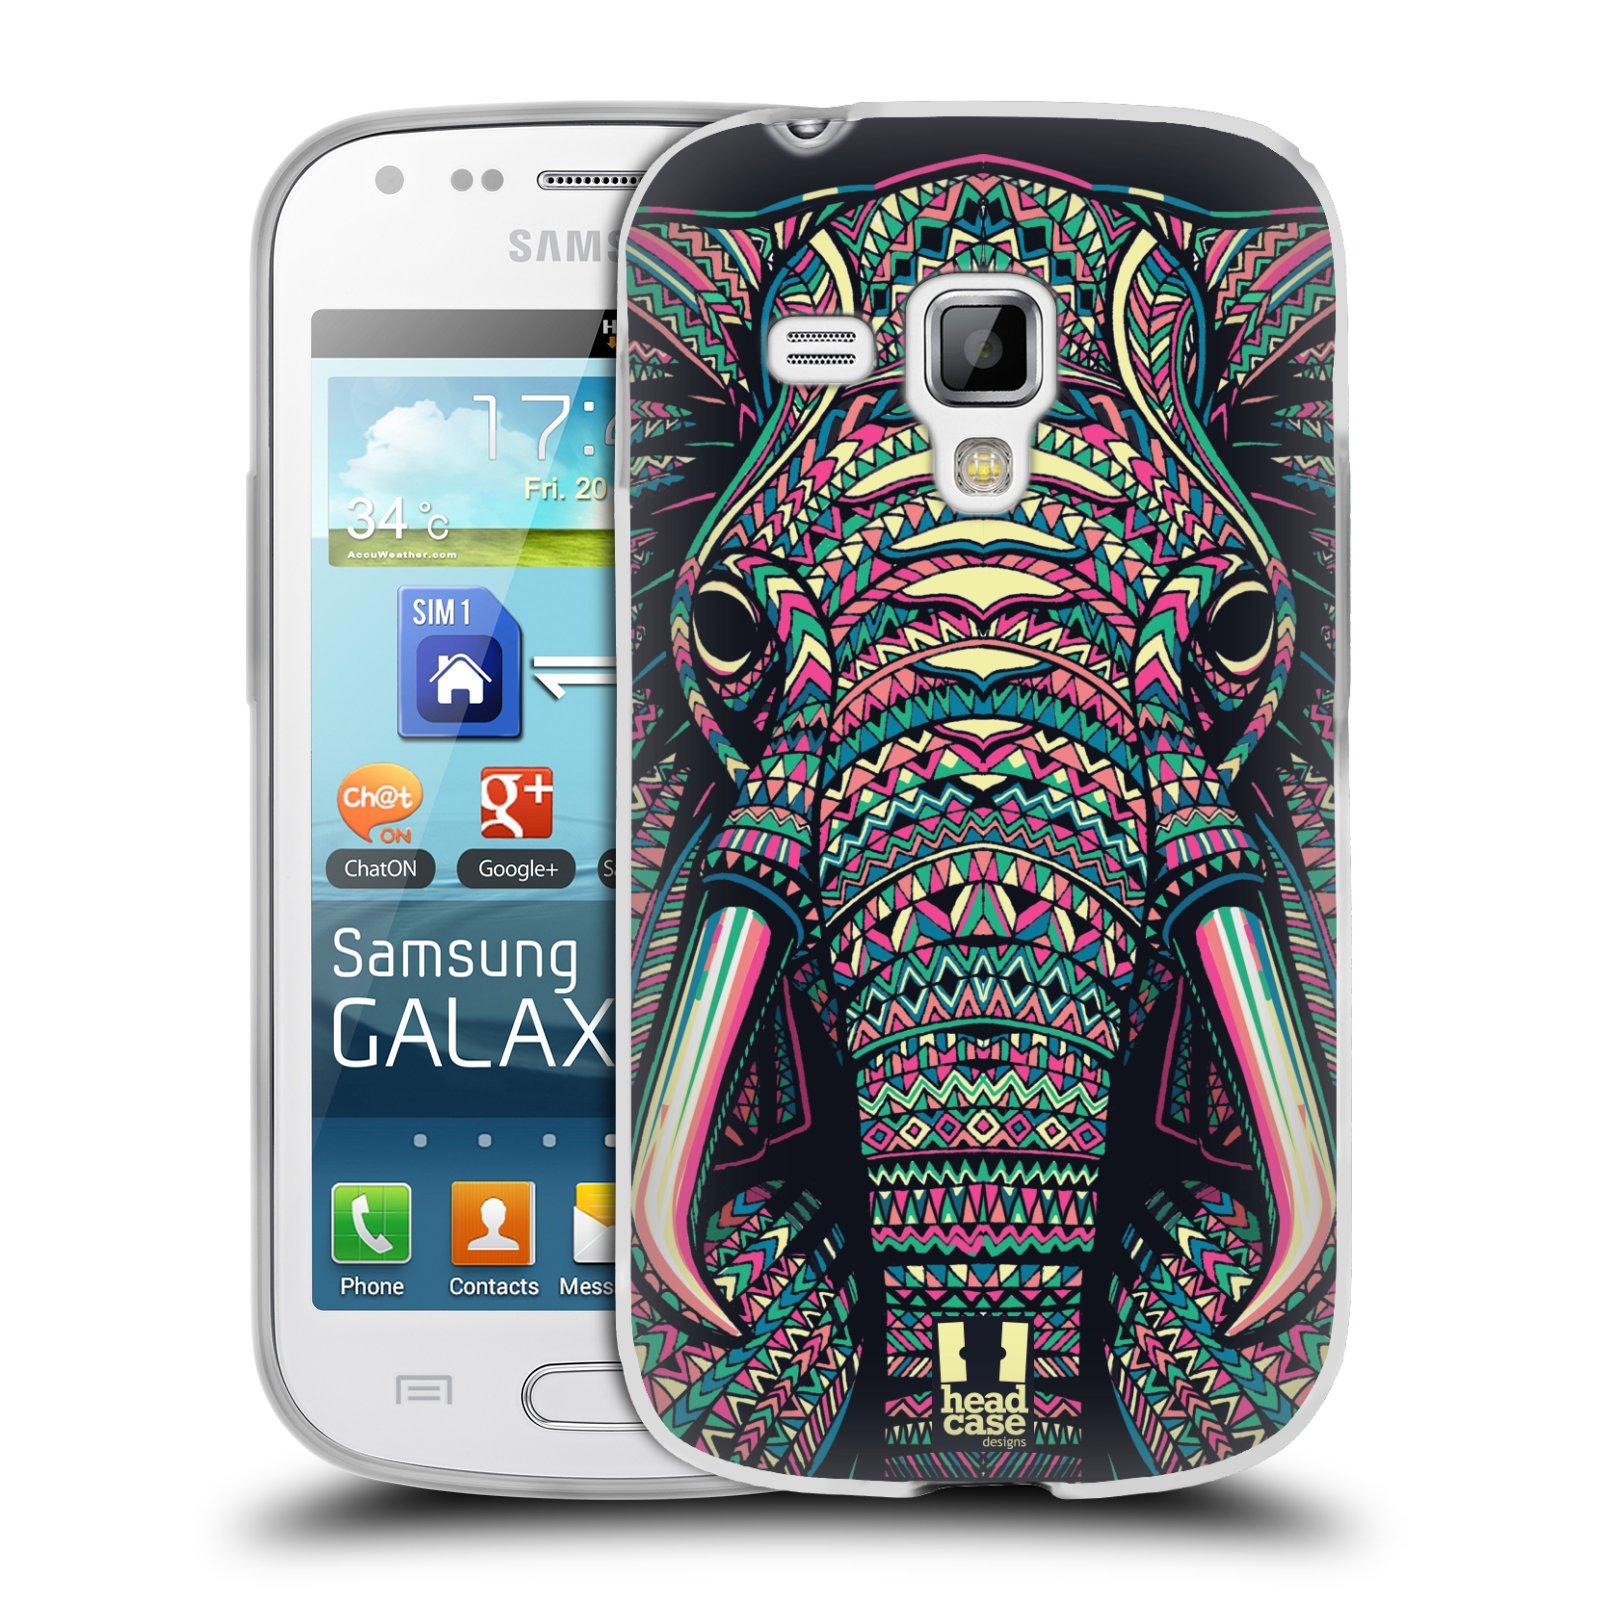 Silikonové pouzdro na mobil Samsung Galaxy S Duos 2 HEAD CASE AZTEC SLON (Silikonový kryt či obal na mobilní telefon Samsung Galaxy S Duos 2 GT-S7582)